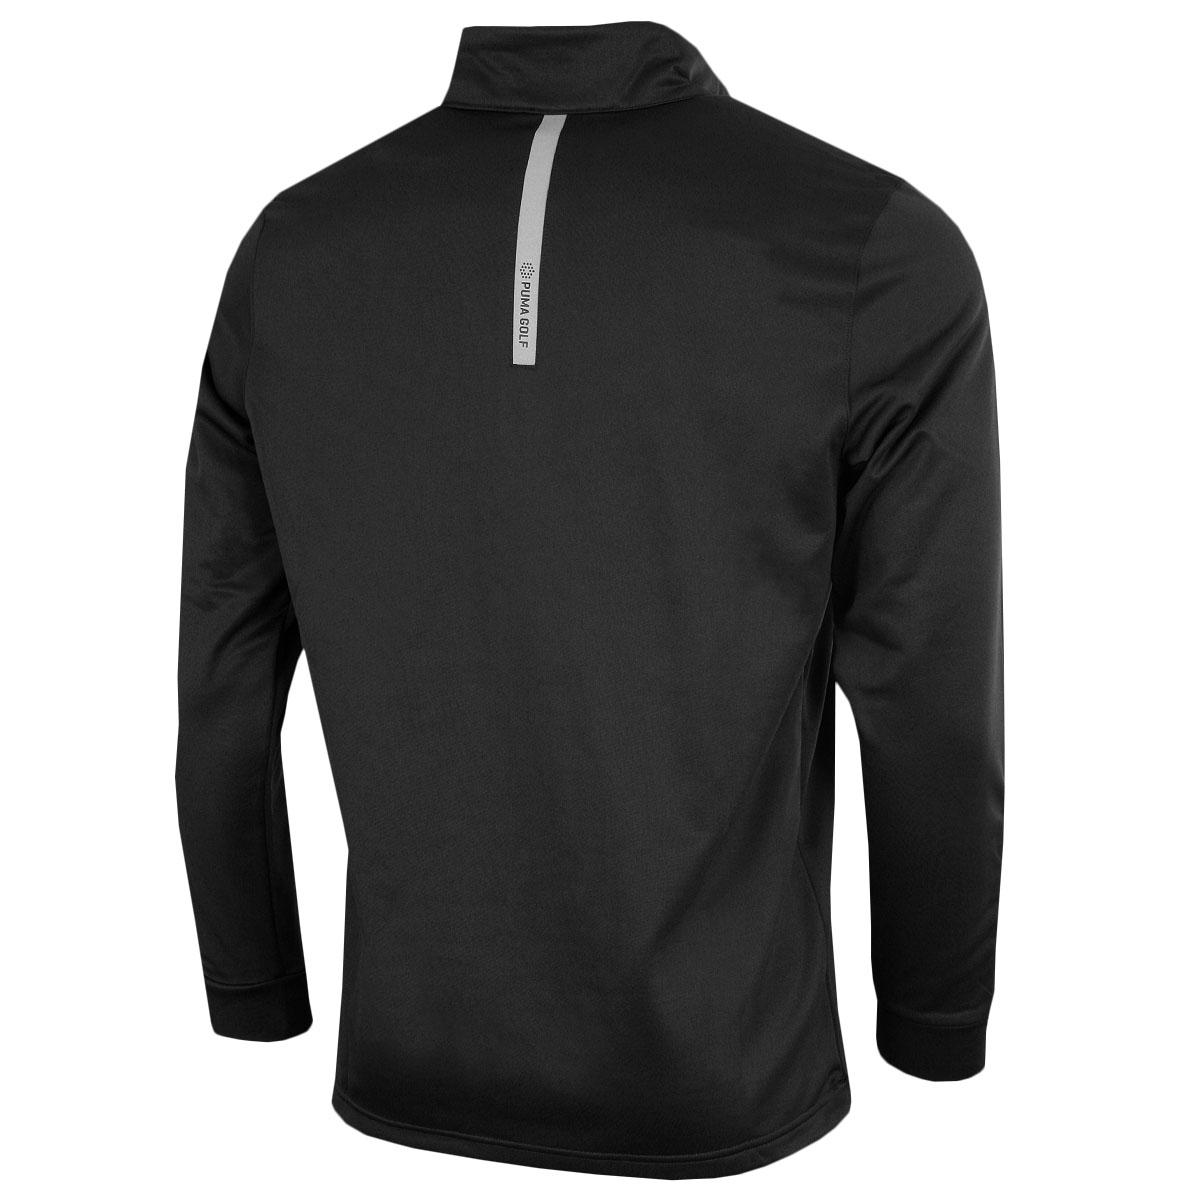 Puma-Golf-Mens-Midweight-1-4-Zip-Moisture-Wicking-WarmCELL-Fleece-46-OFF-RRP thumbnail 6